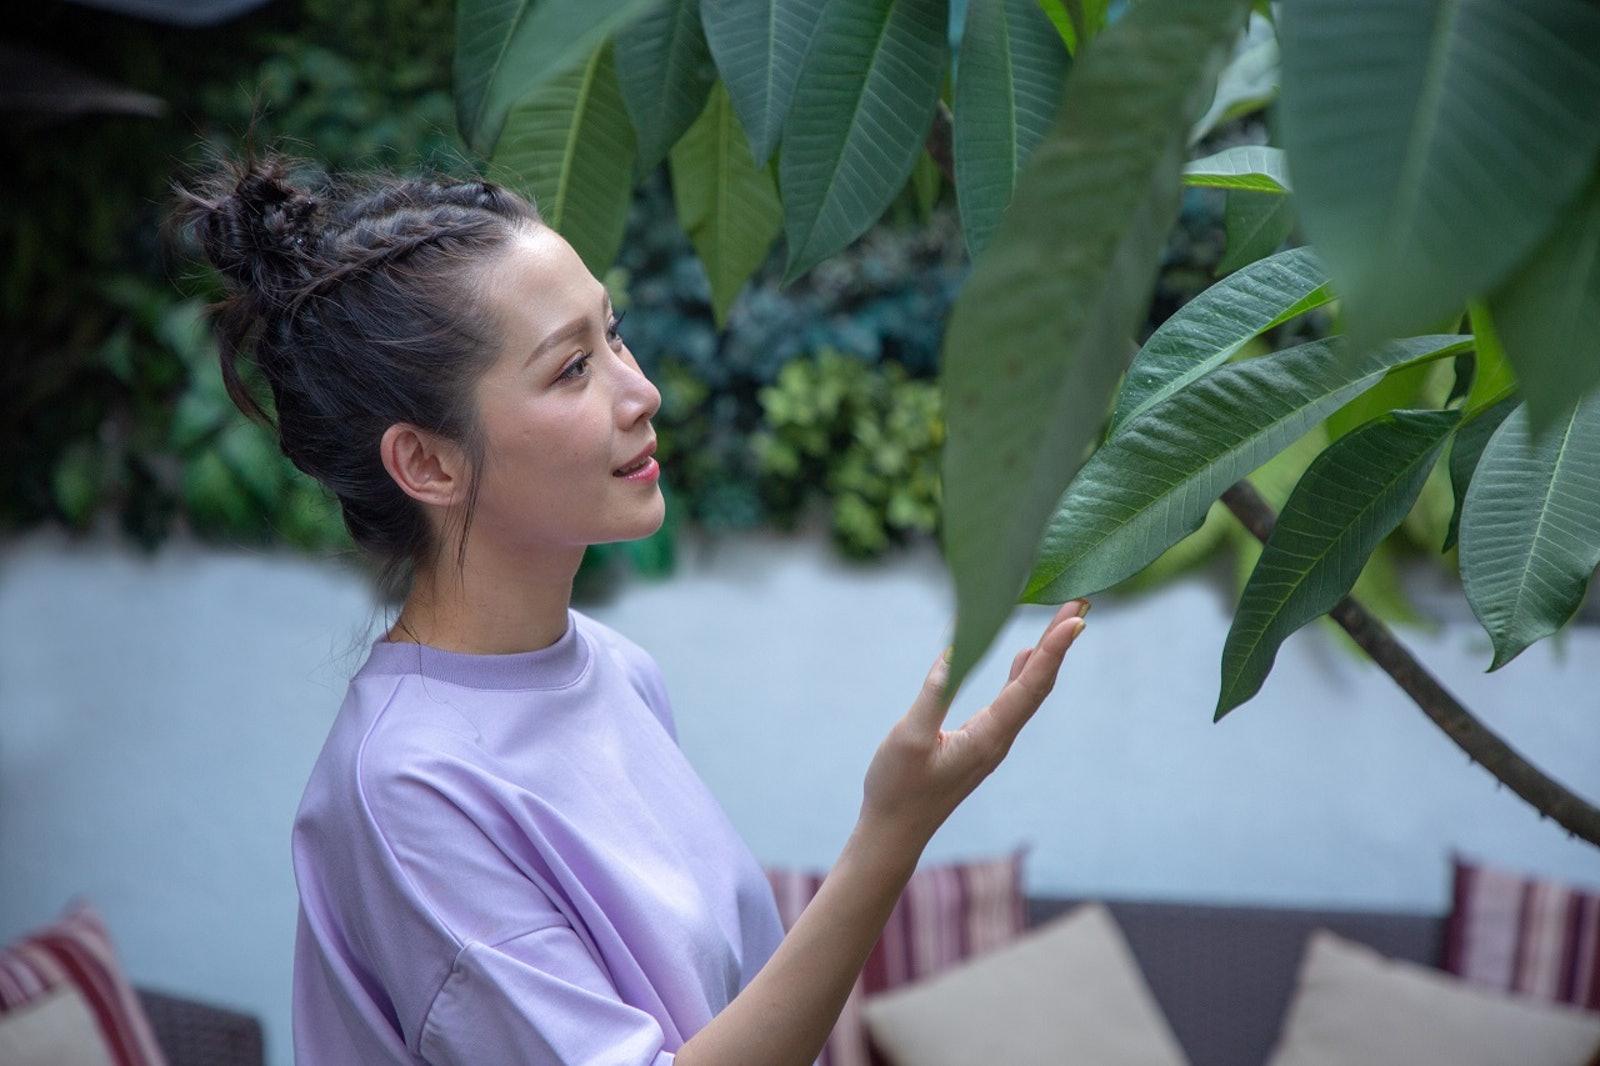 2018年9月4日 香港01 關心妍積極貢獻社會j